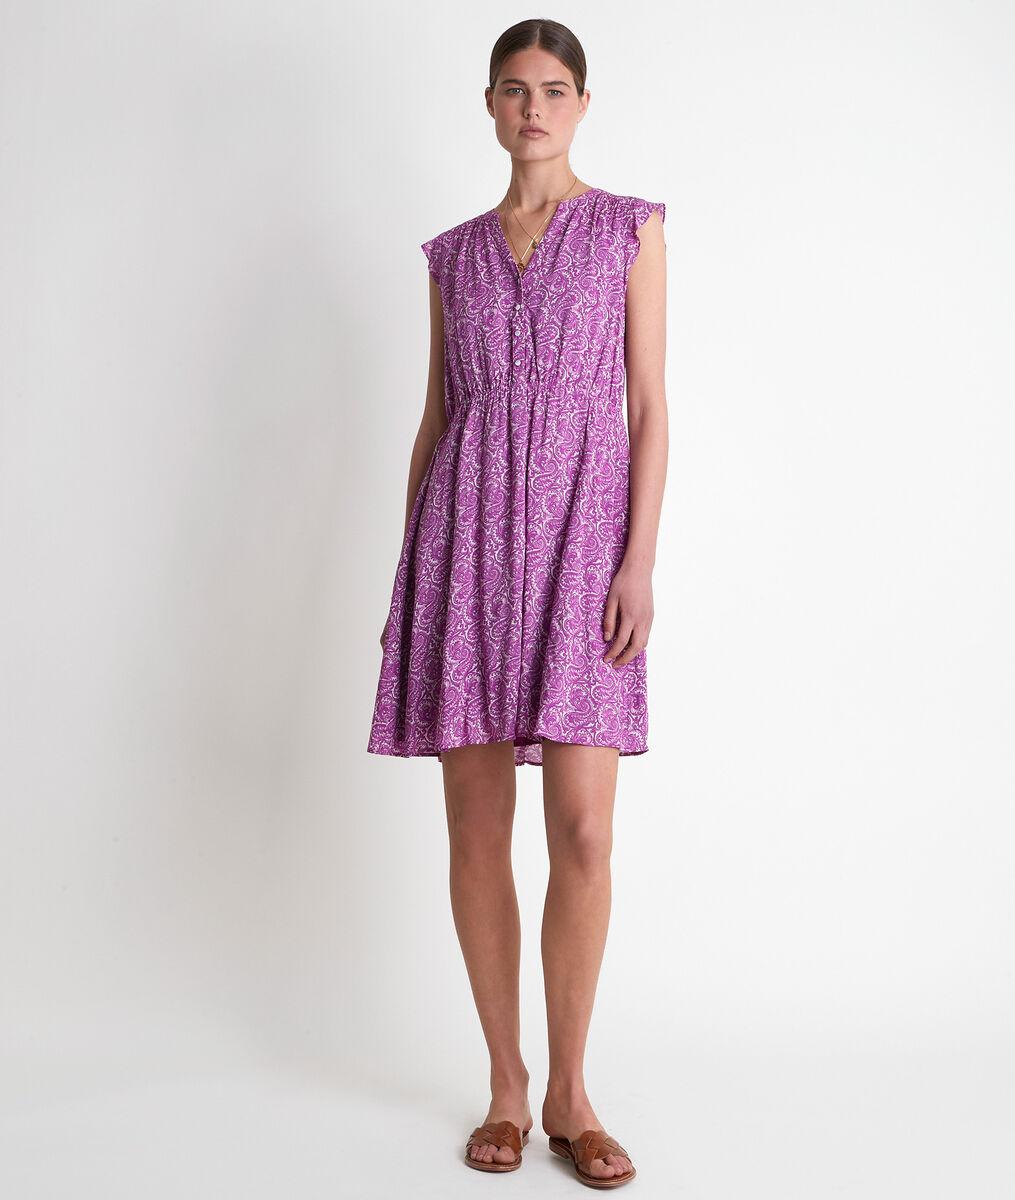 Robe courte imprimée violette Laudine PhotoZ | 1-2-3